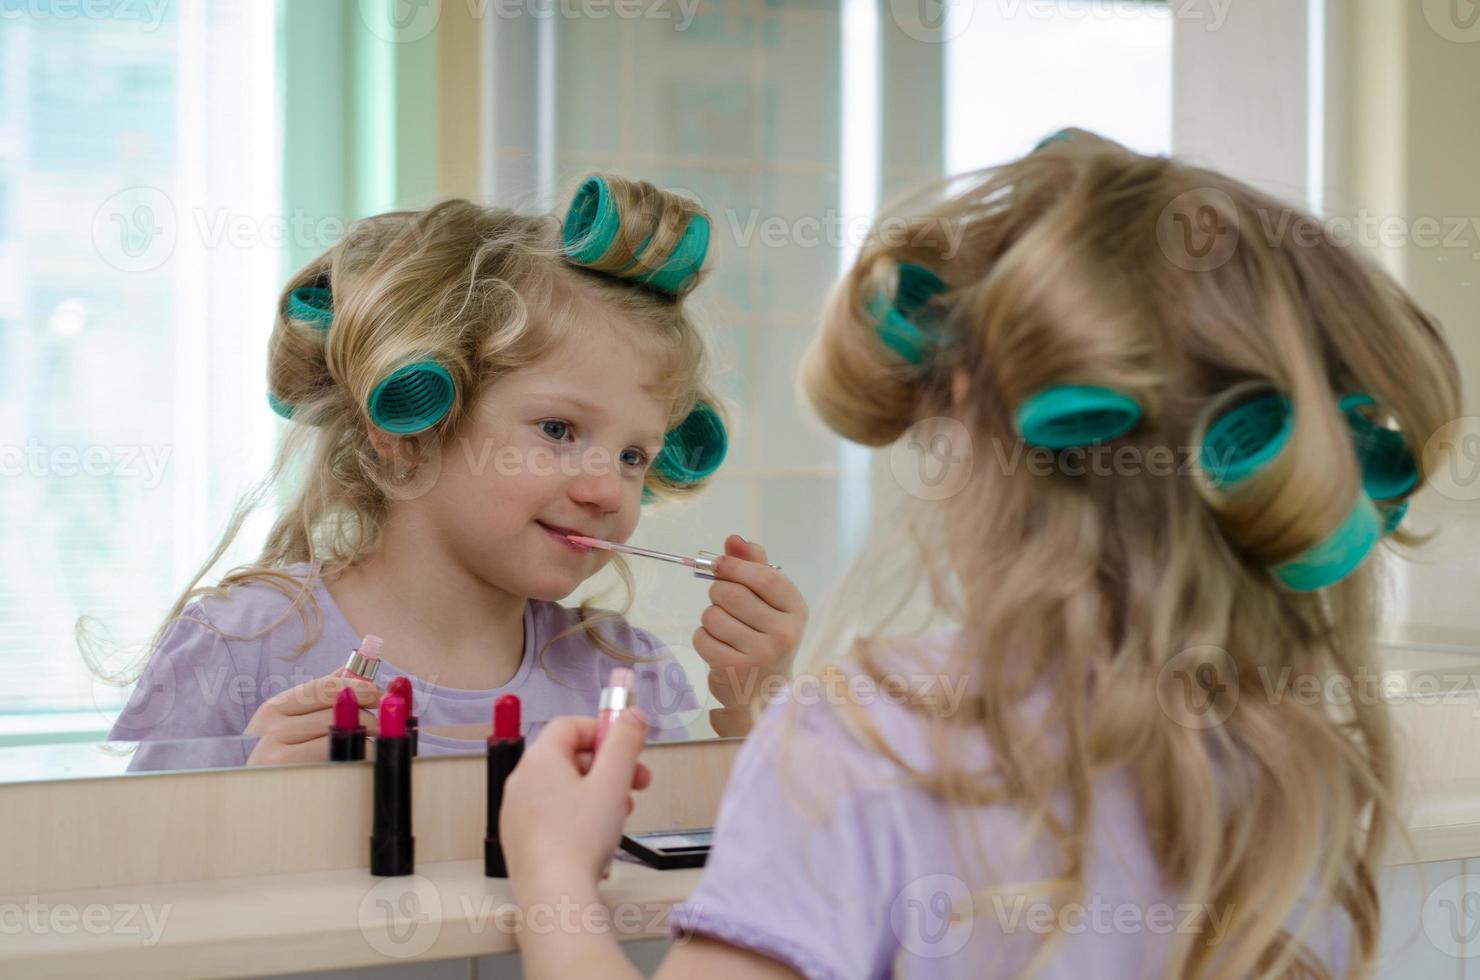 blond meisje met lippenstift en krulspelden foto